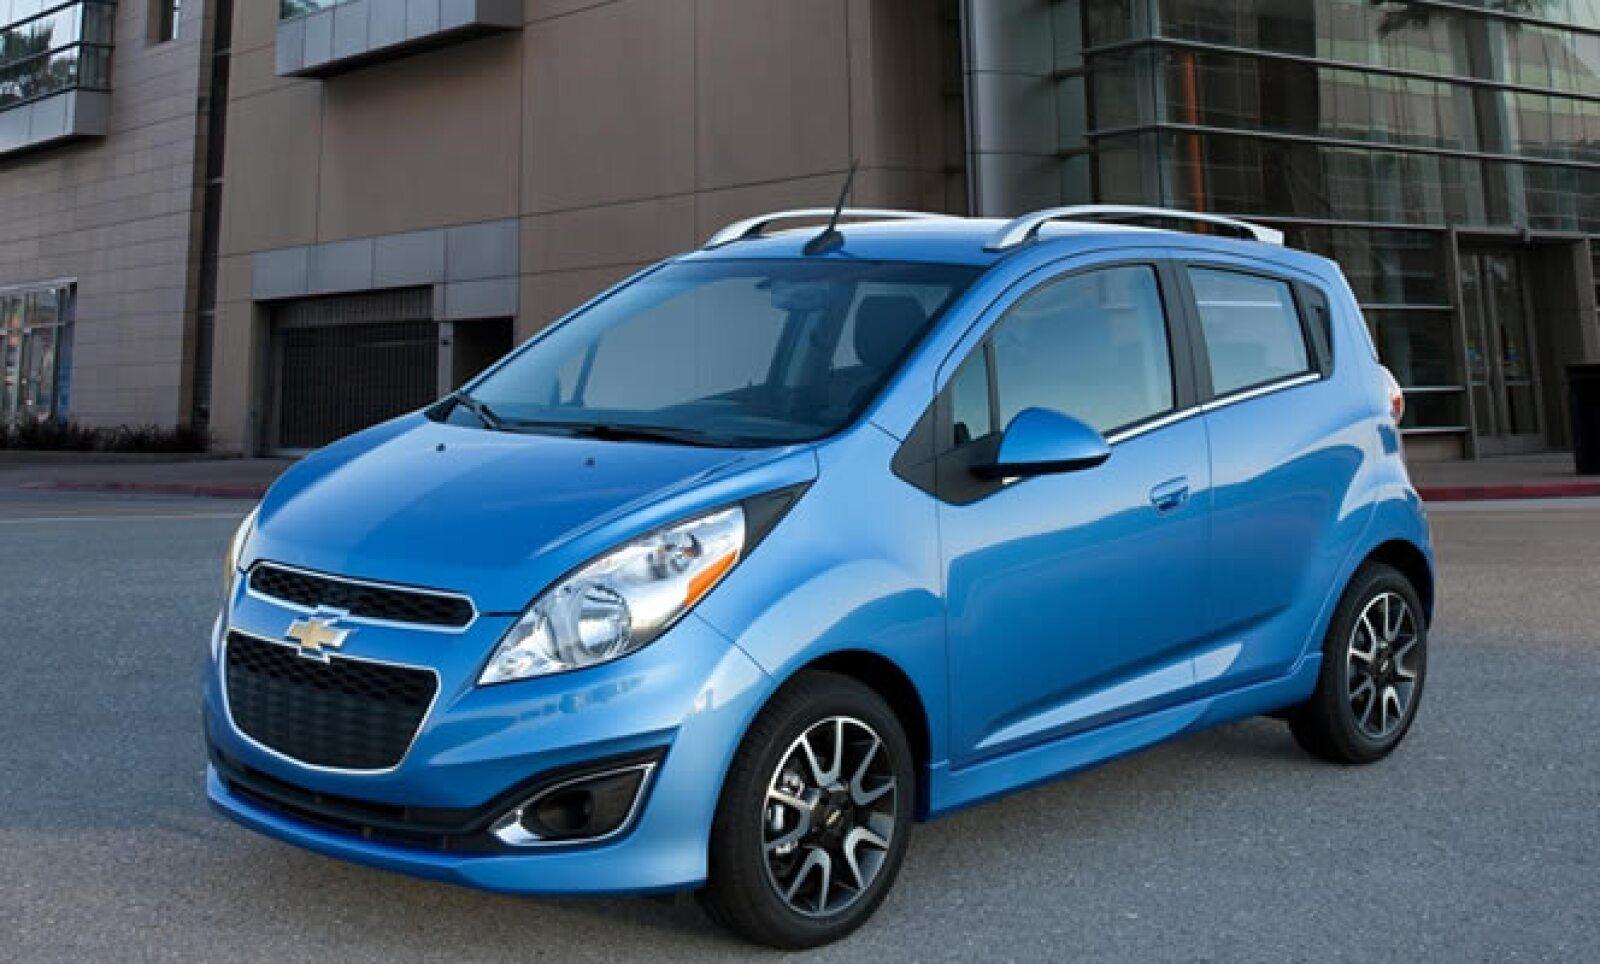 La ciudad de Los Ángeles es la sede del último autoshow del año, con presencia de más de 30 automotrices. Chevrolet presentó la nueva edición de su modelo subcompacto, con cambios en su diseño frontal.